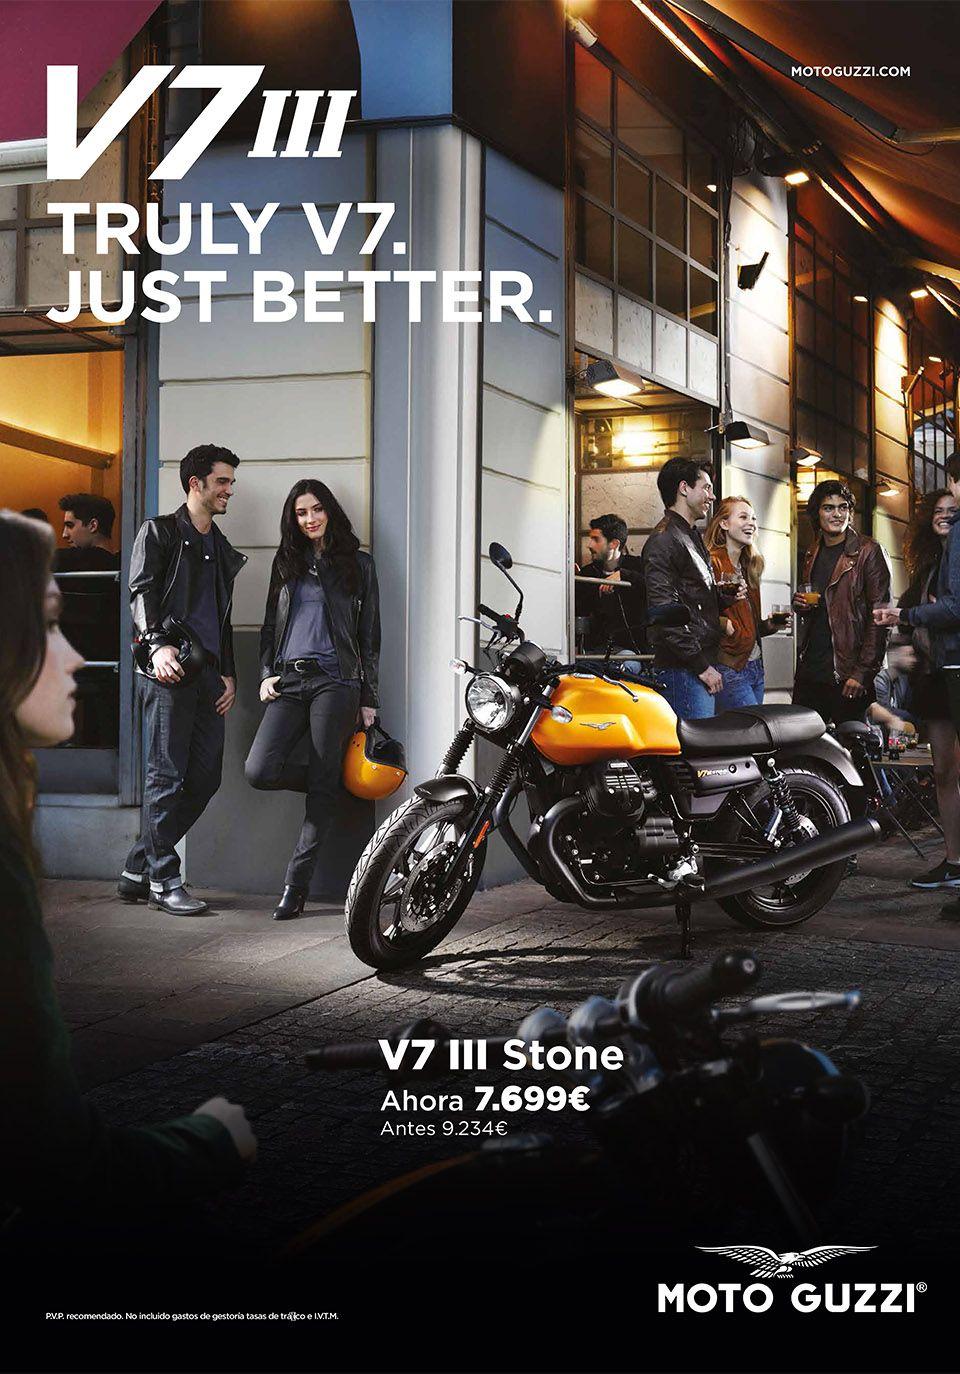 Un clásico a un precio único: Moto Guzzi V7 III Stone por sólo 7.699€